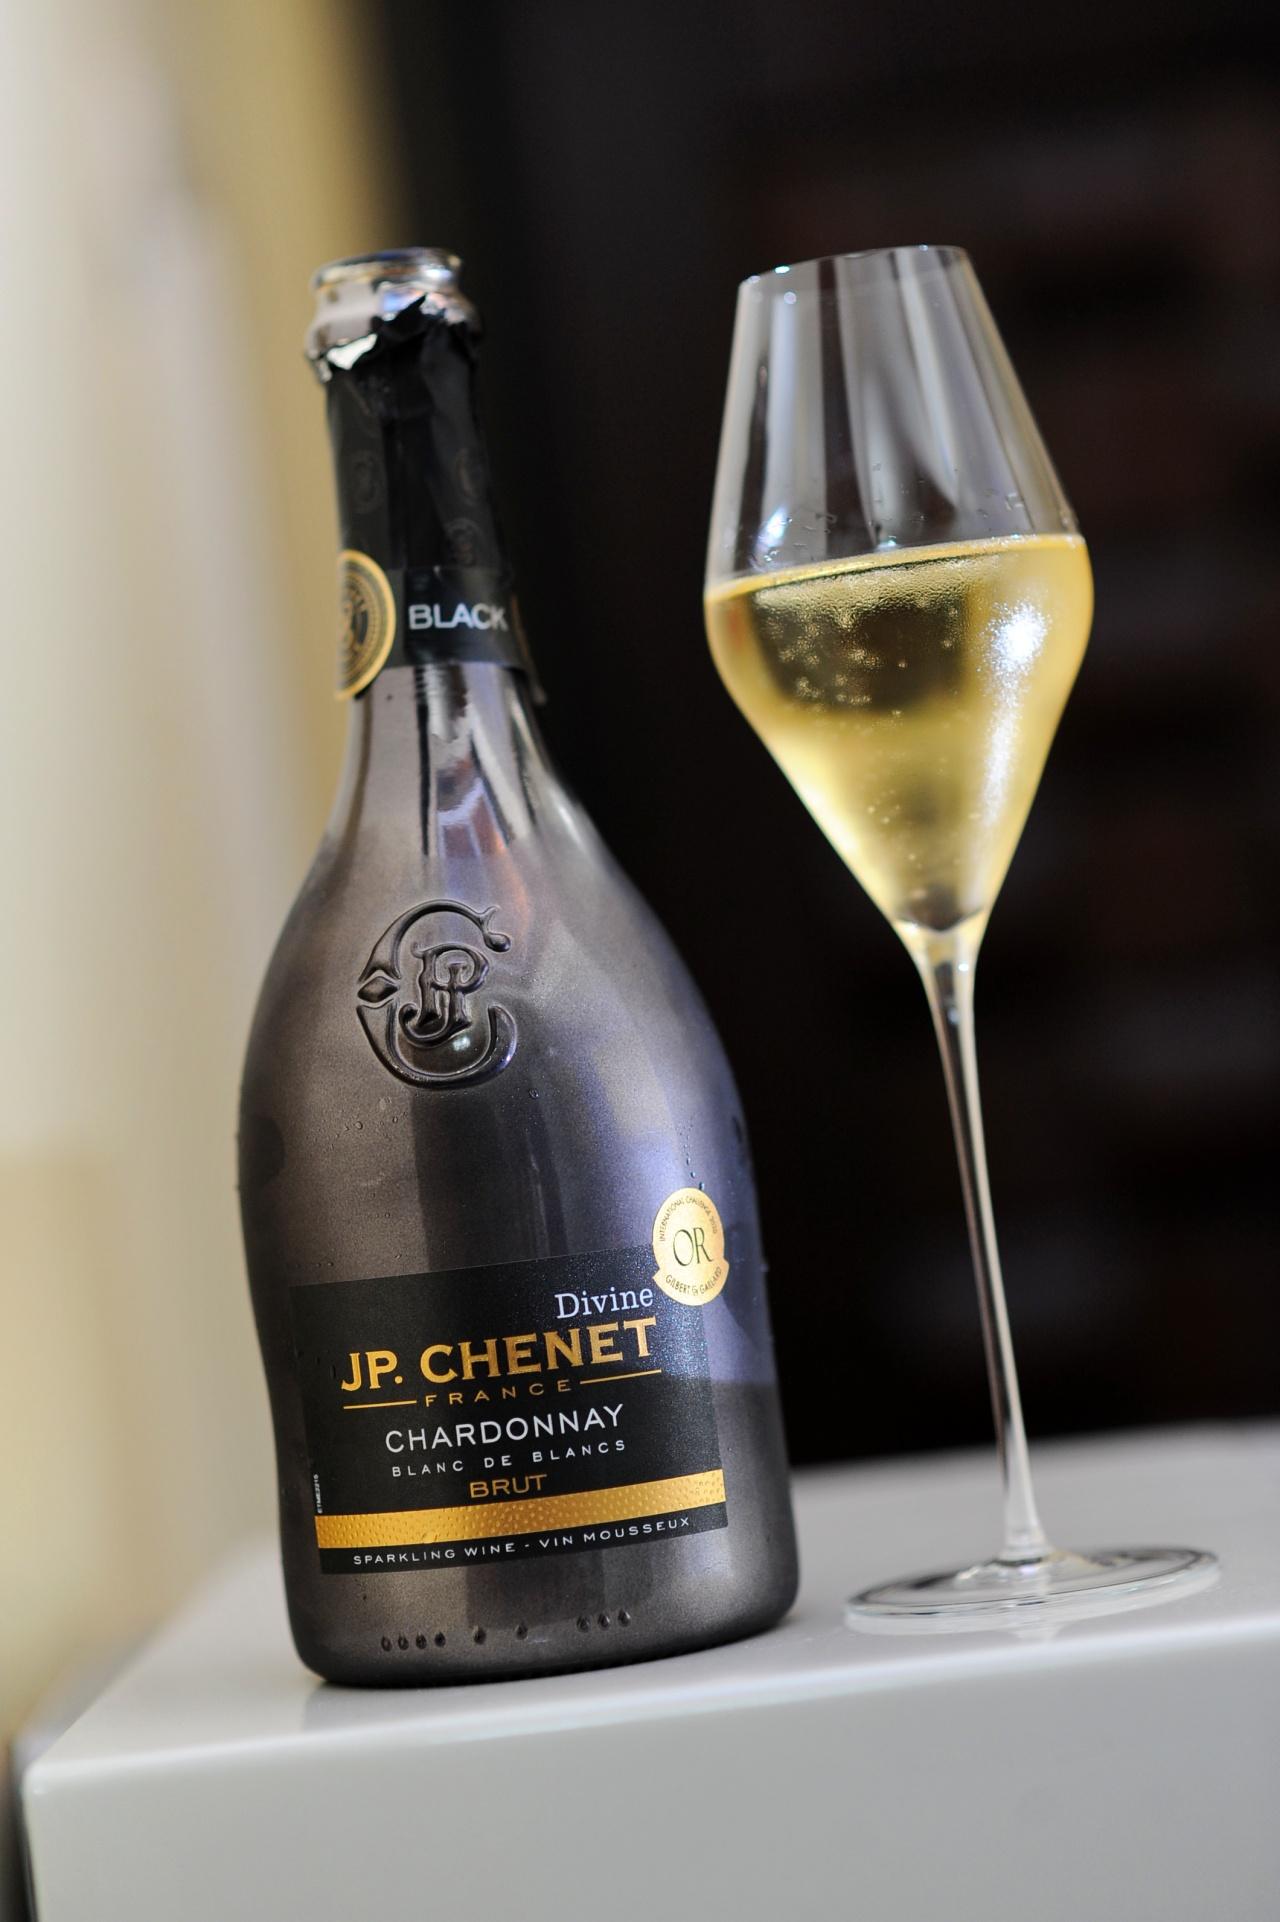 JP Chenet Divine Chardonnay Sparkling